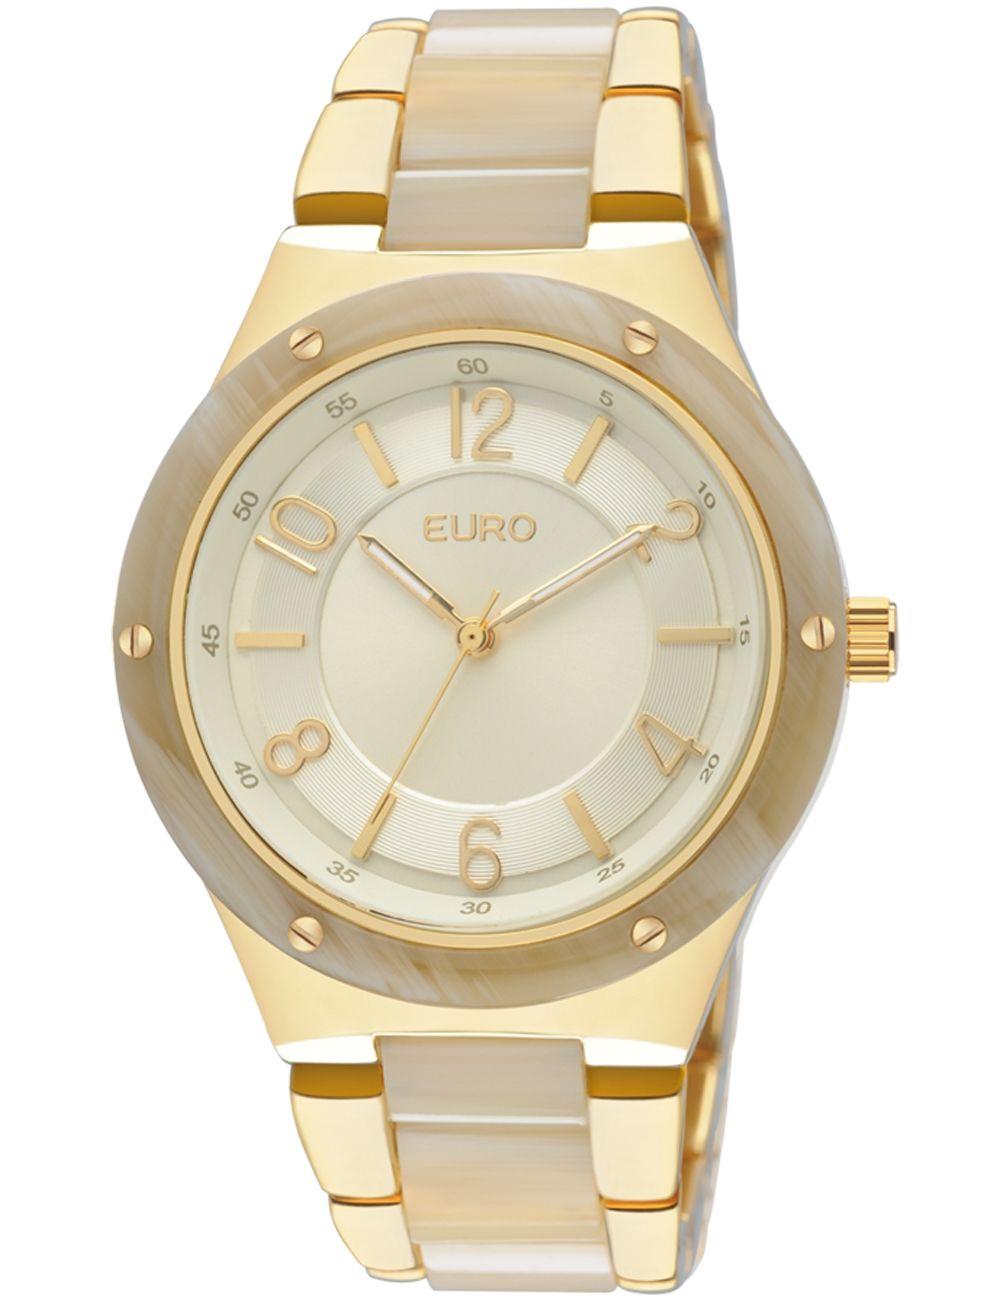 85f3daf0973db Relógio Feminino Analógico Euro Breslau EU2035TG4D - Dourado - Relógios no  E-Euro. Michael Relógio MICHAEL KORS RUNWAY ...